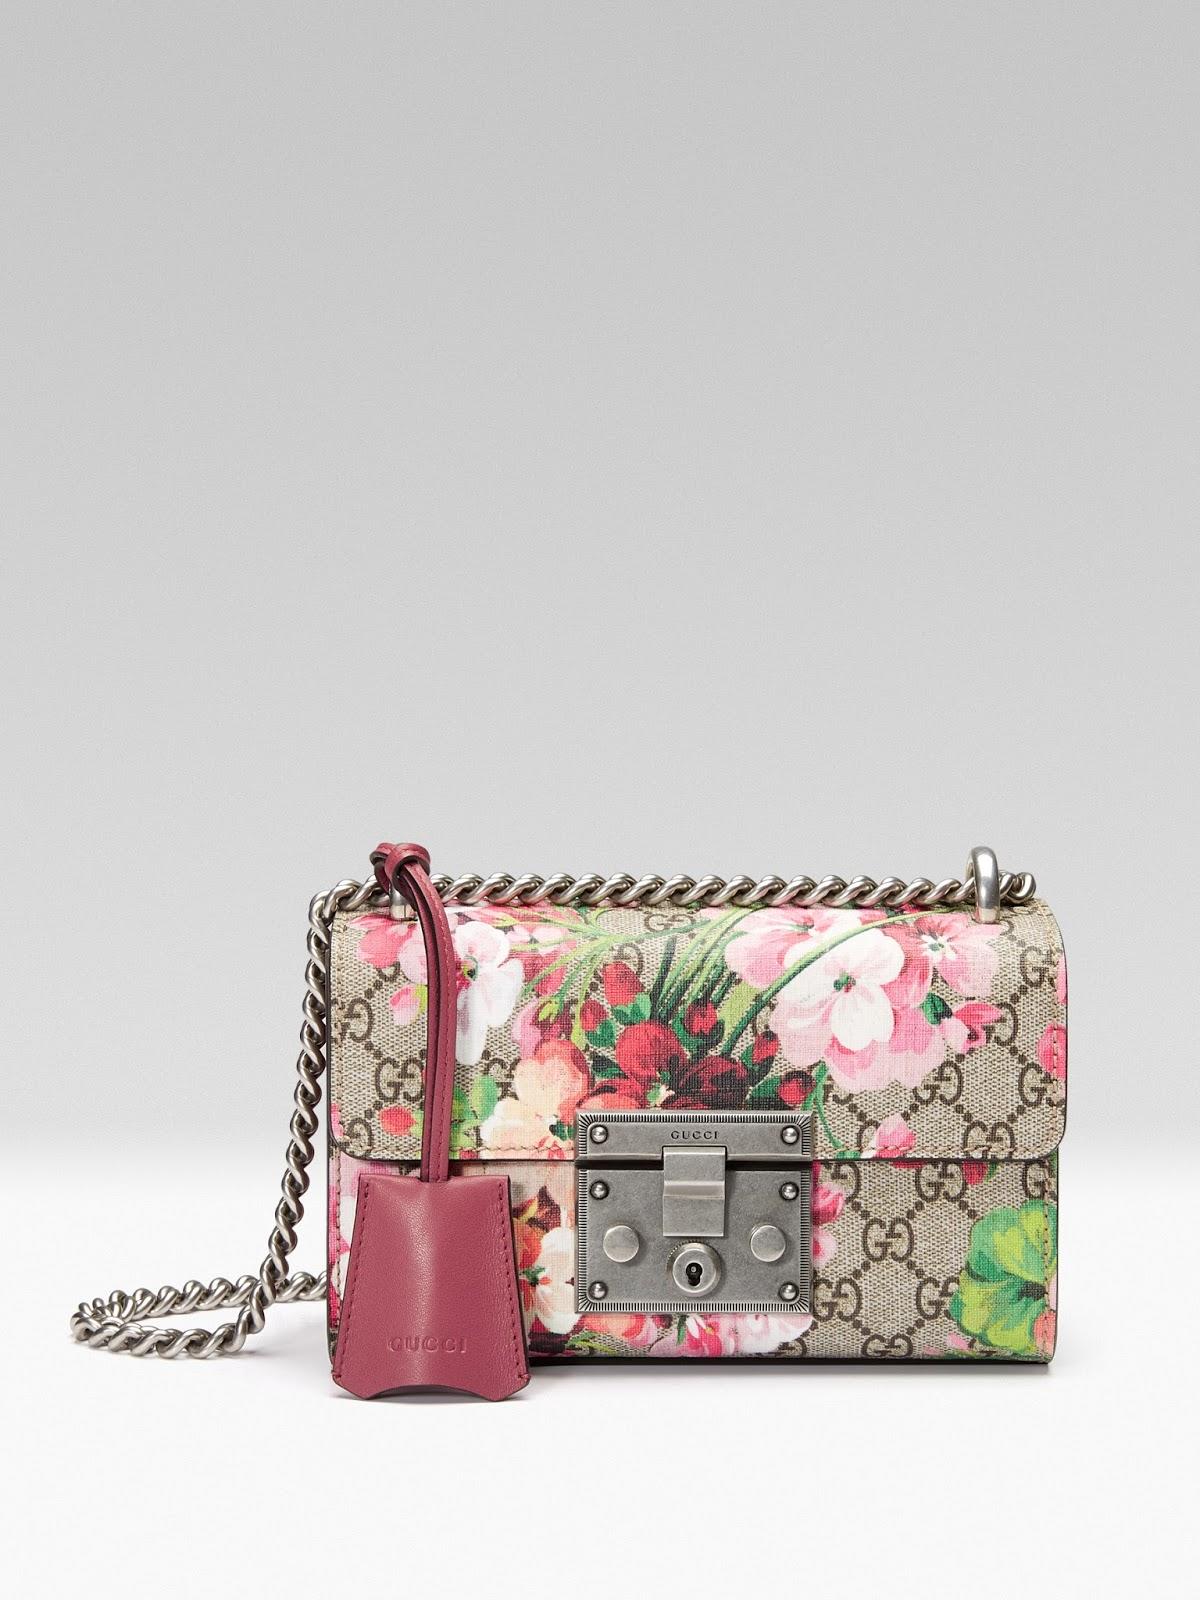 Gucci's Padlock Shoulder Bag